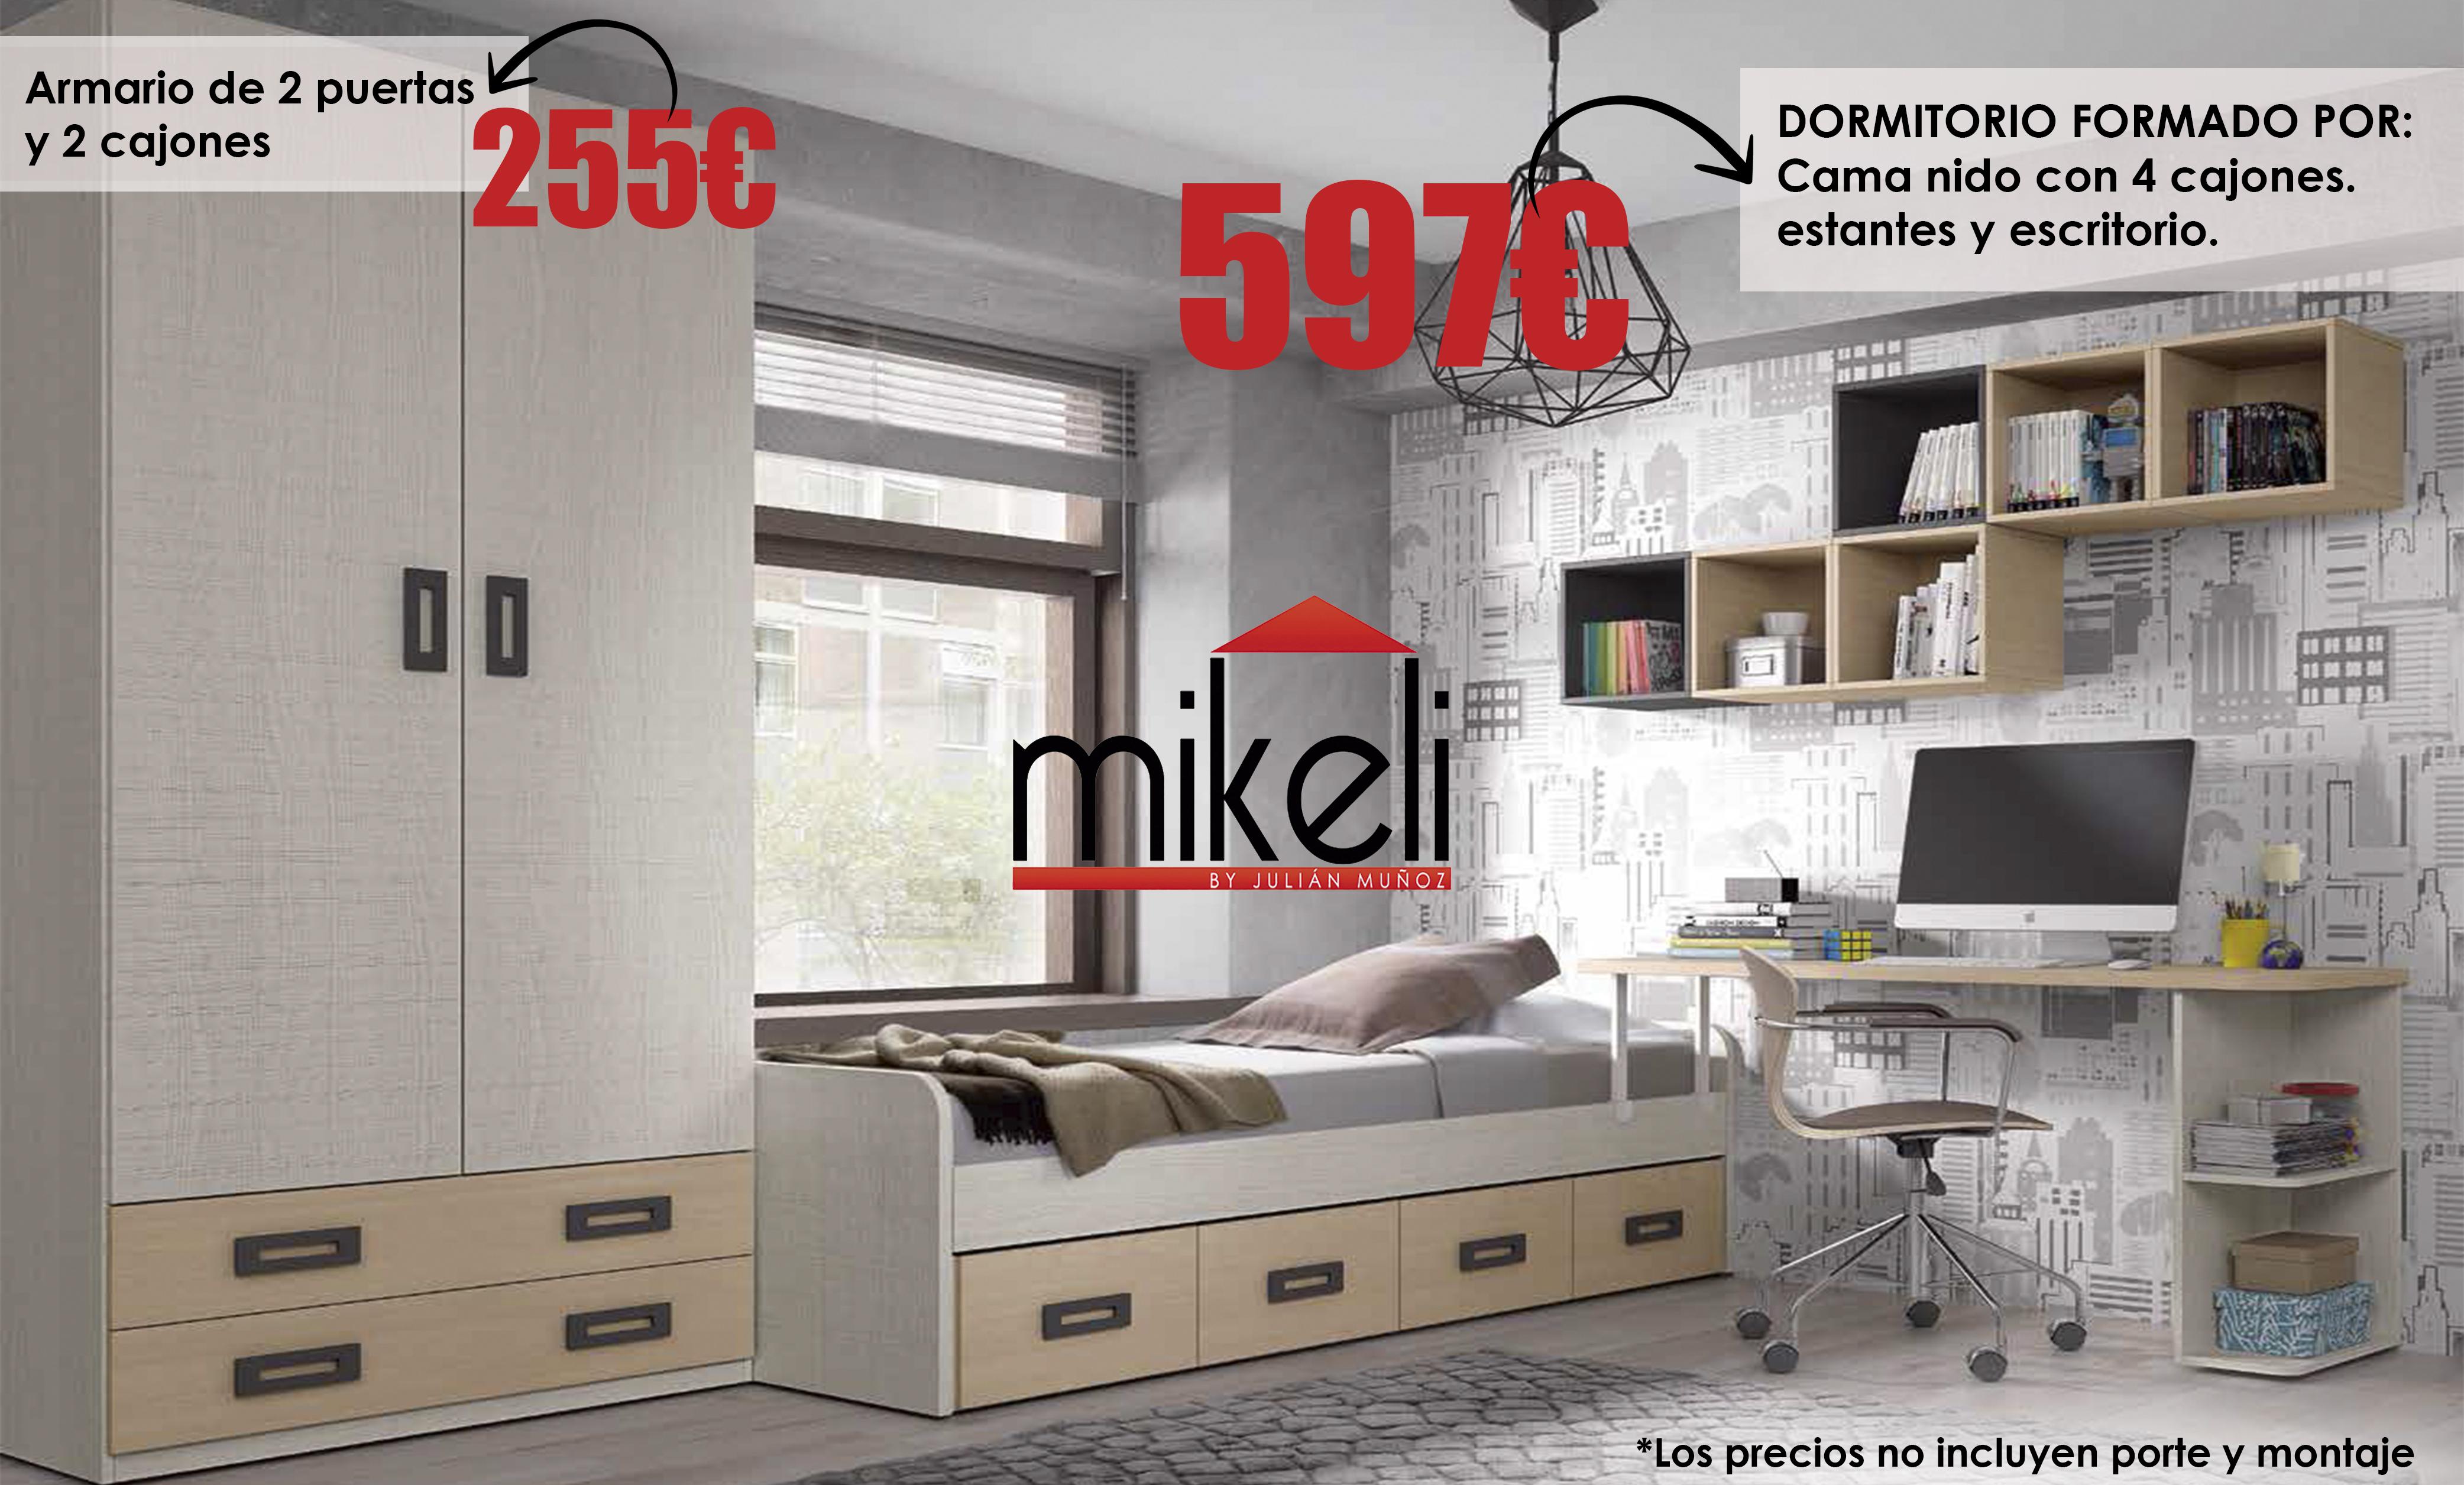 City 14 Mikeli Tu Tienda De Muebles A Precios Incre Bles En Ceuta # Tiendas Muebles Ceuta